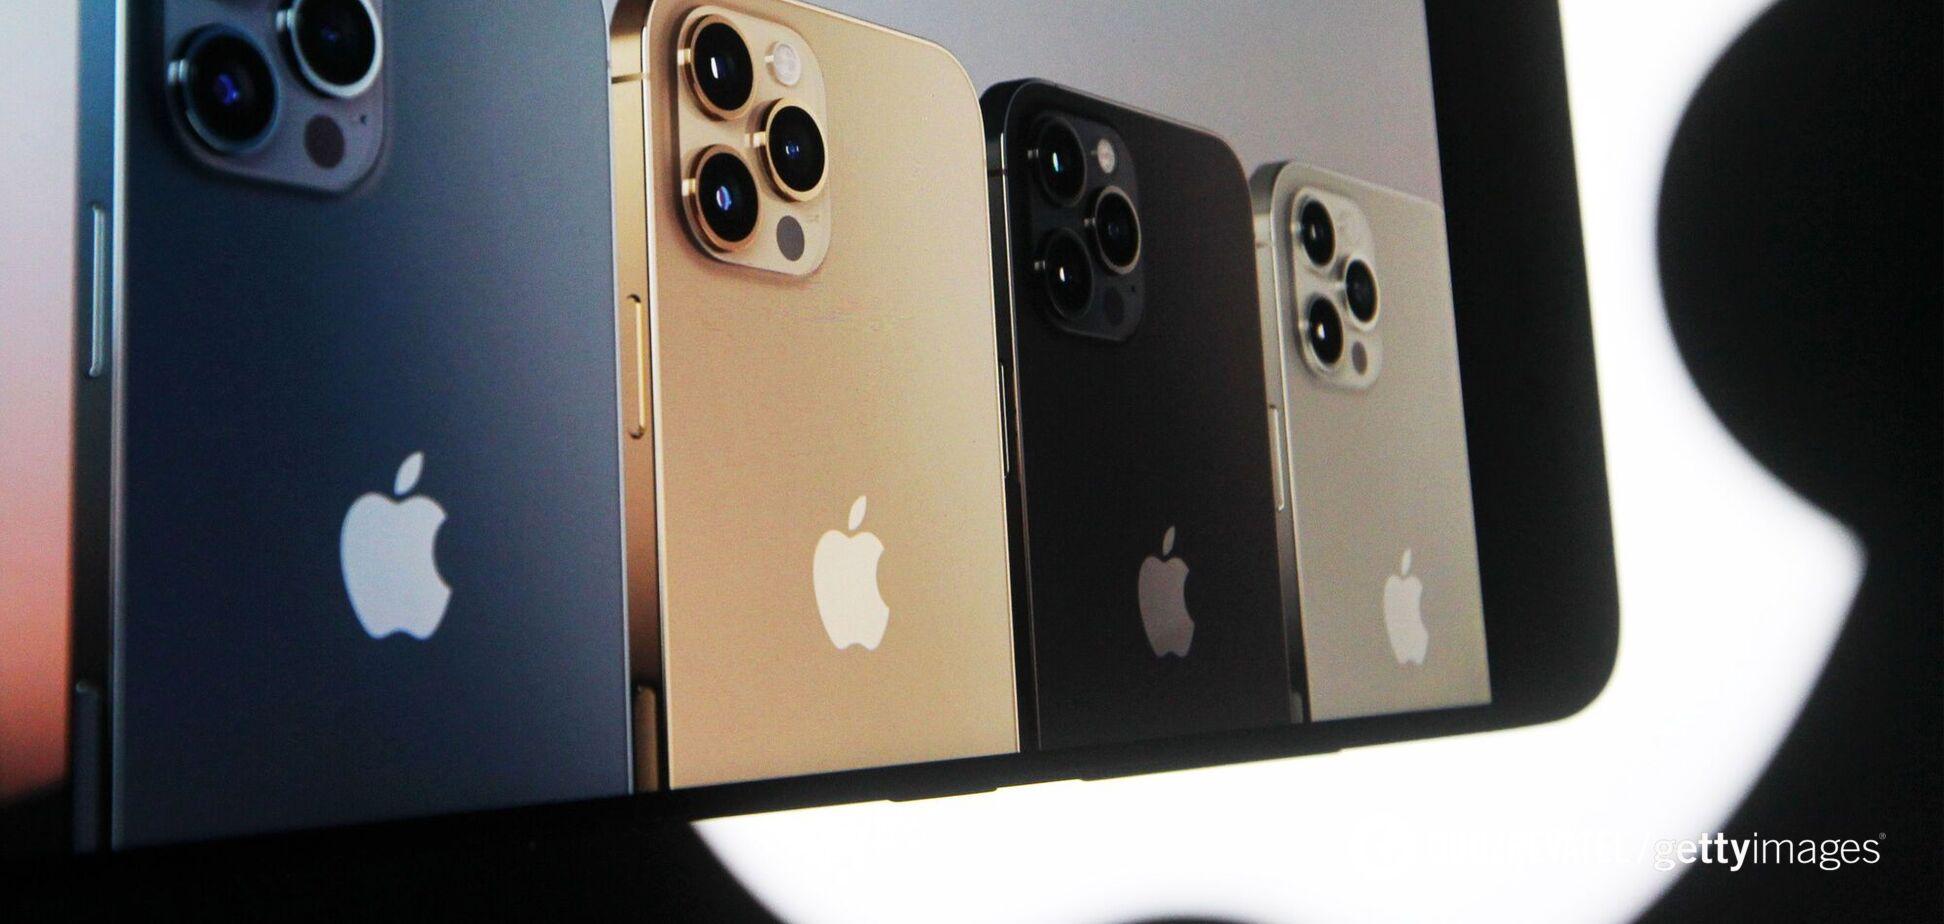 iPhone 12 впервые получил поддержку 5G-сетей: как она работает